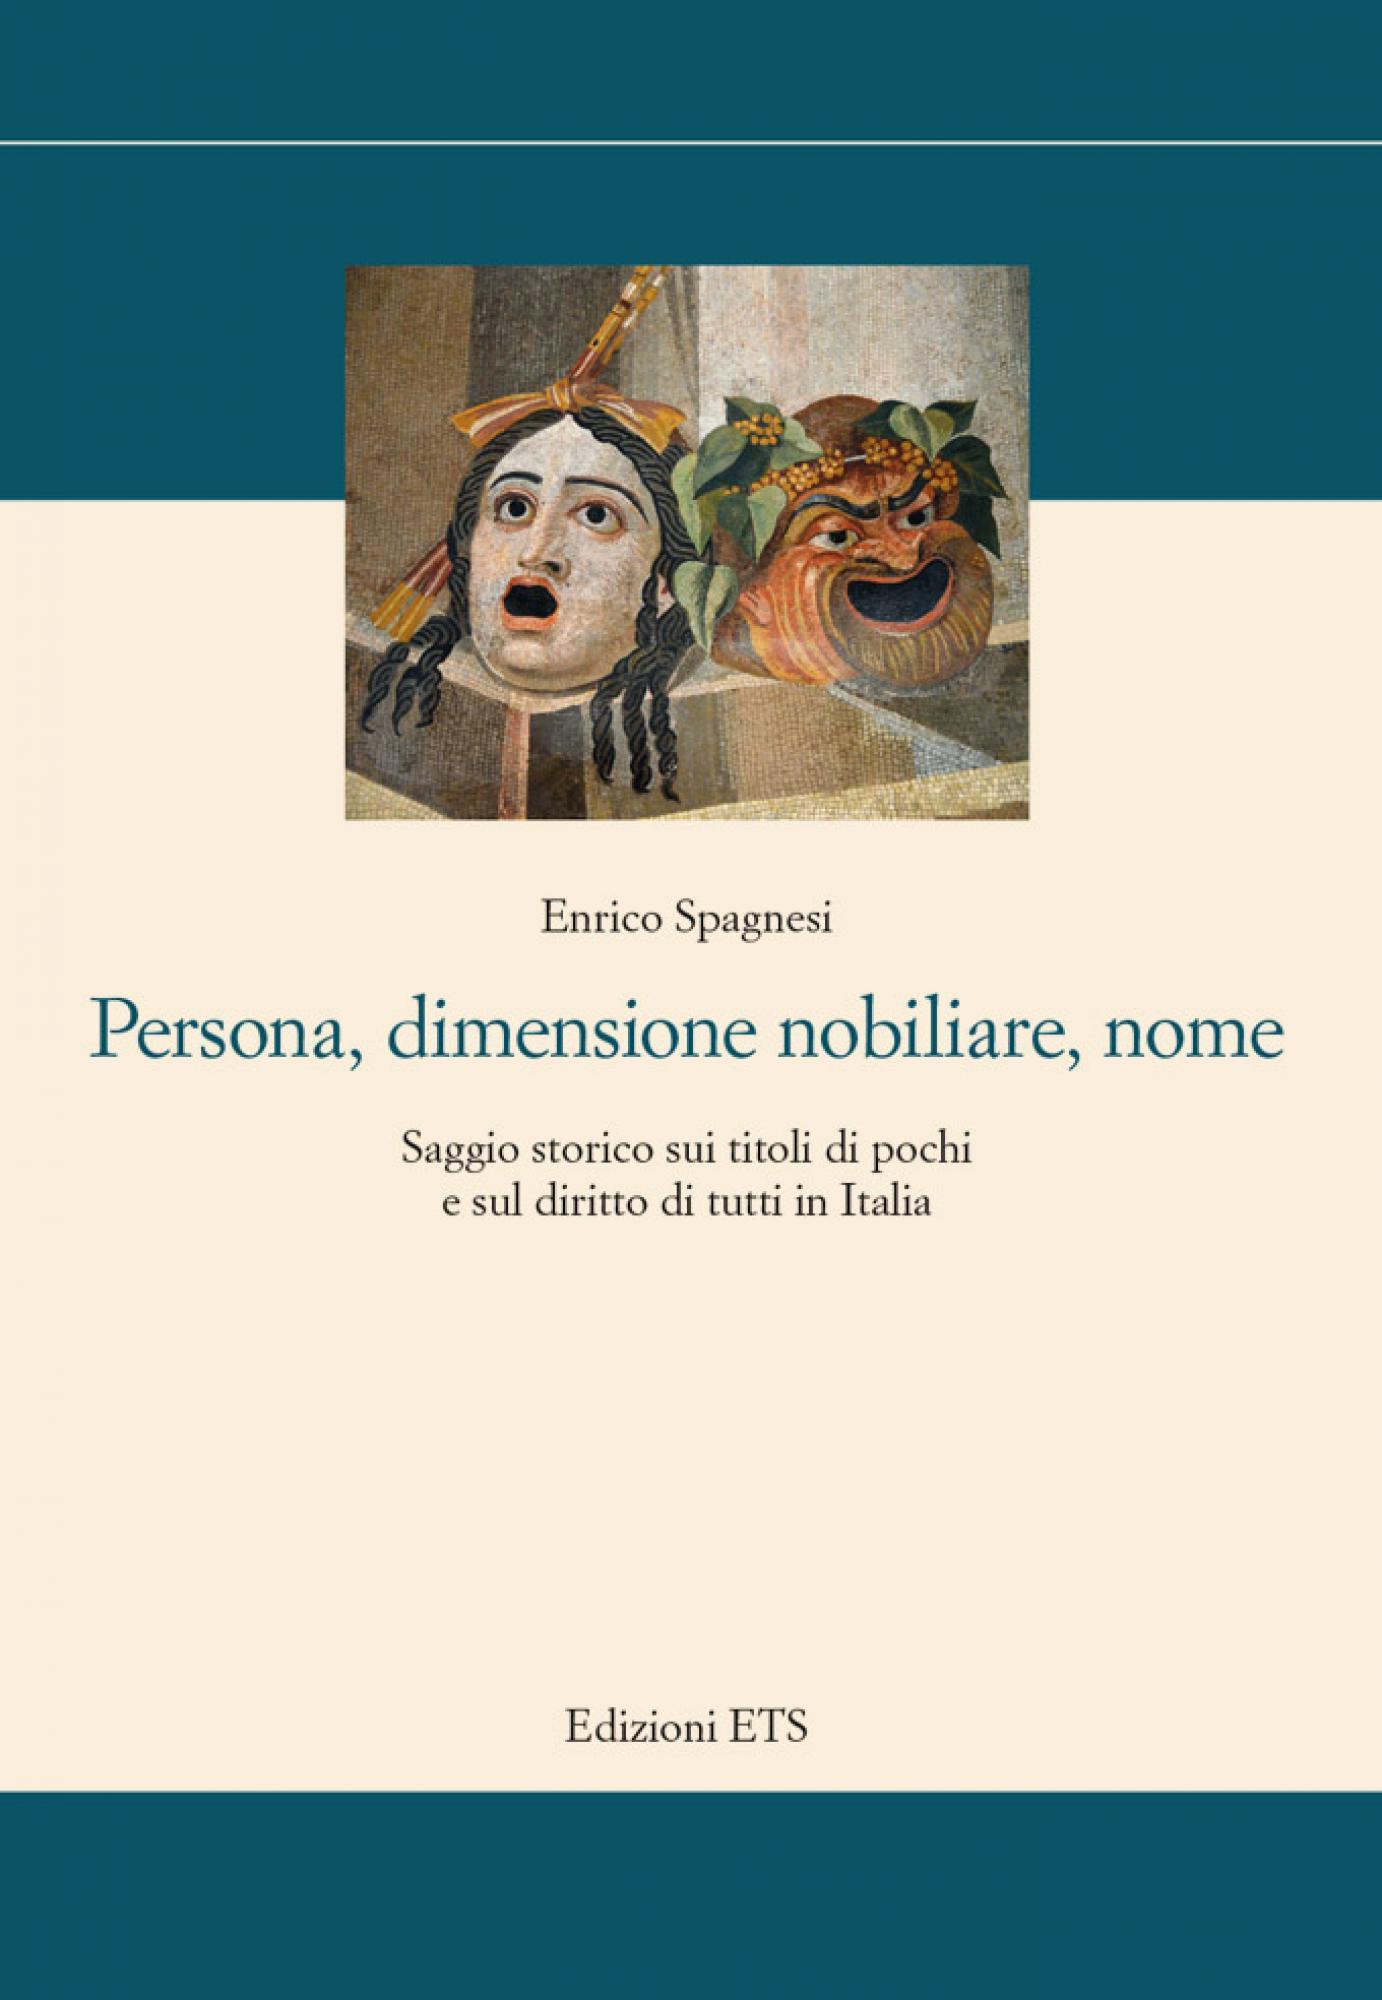 Persona, dimensione nobiliare, nome.Saggio storico sui titoli di pochi e sul diritto di tutti in Italia